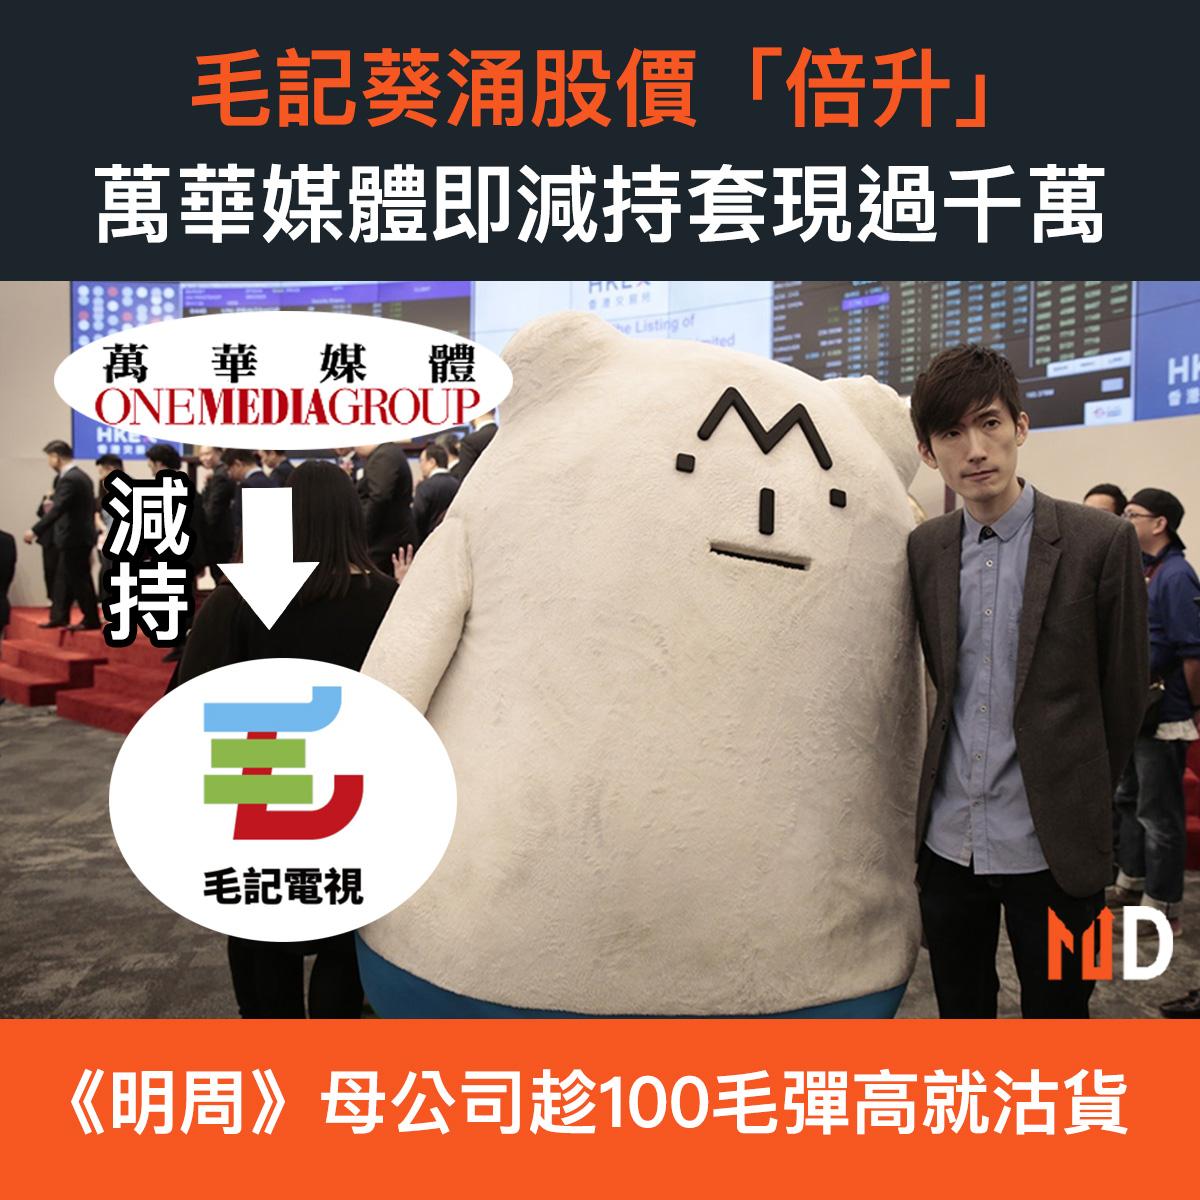 【市場熱話】毛記葵涌股價「倍升」,萬華媒體即減持套現過千萬